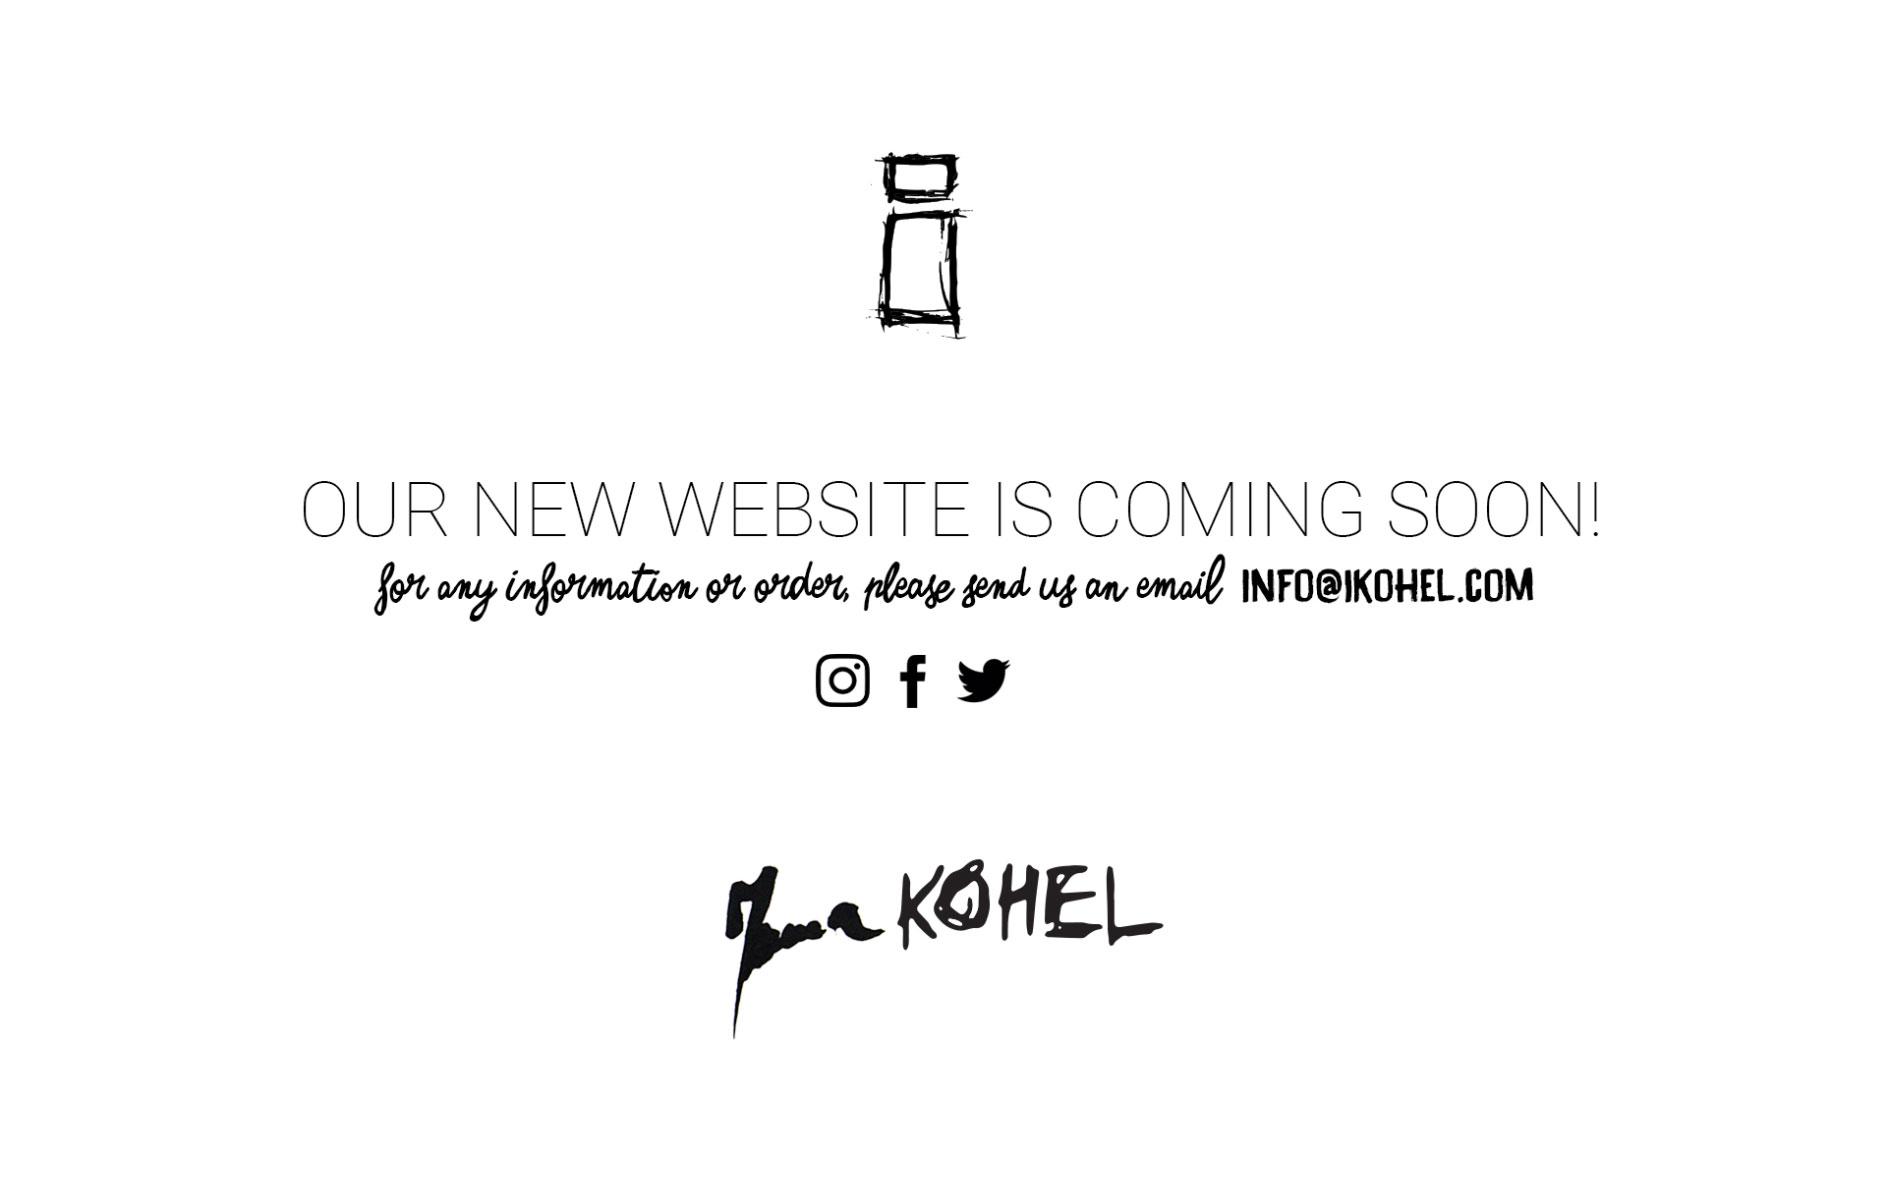 IKohel – Coming Soon, BA